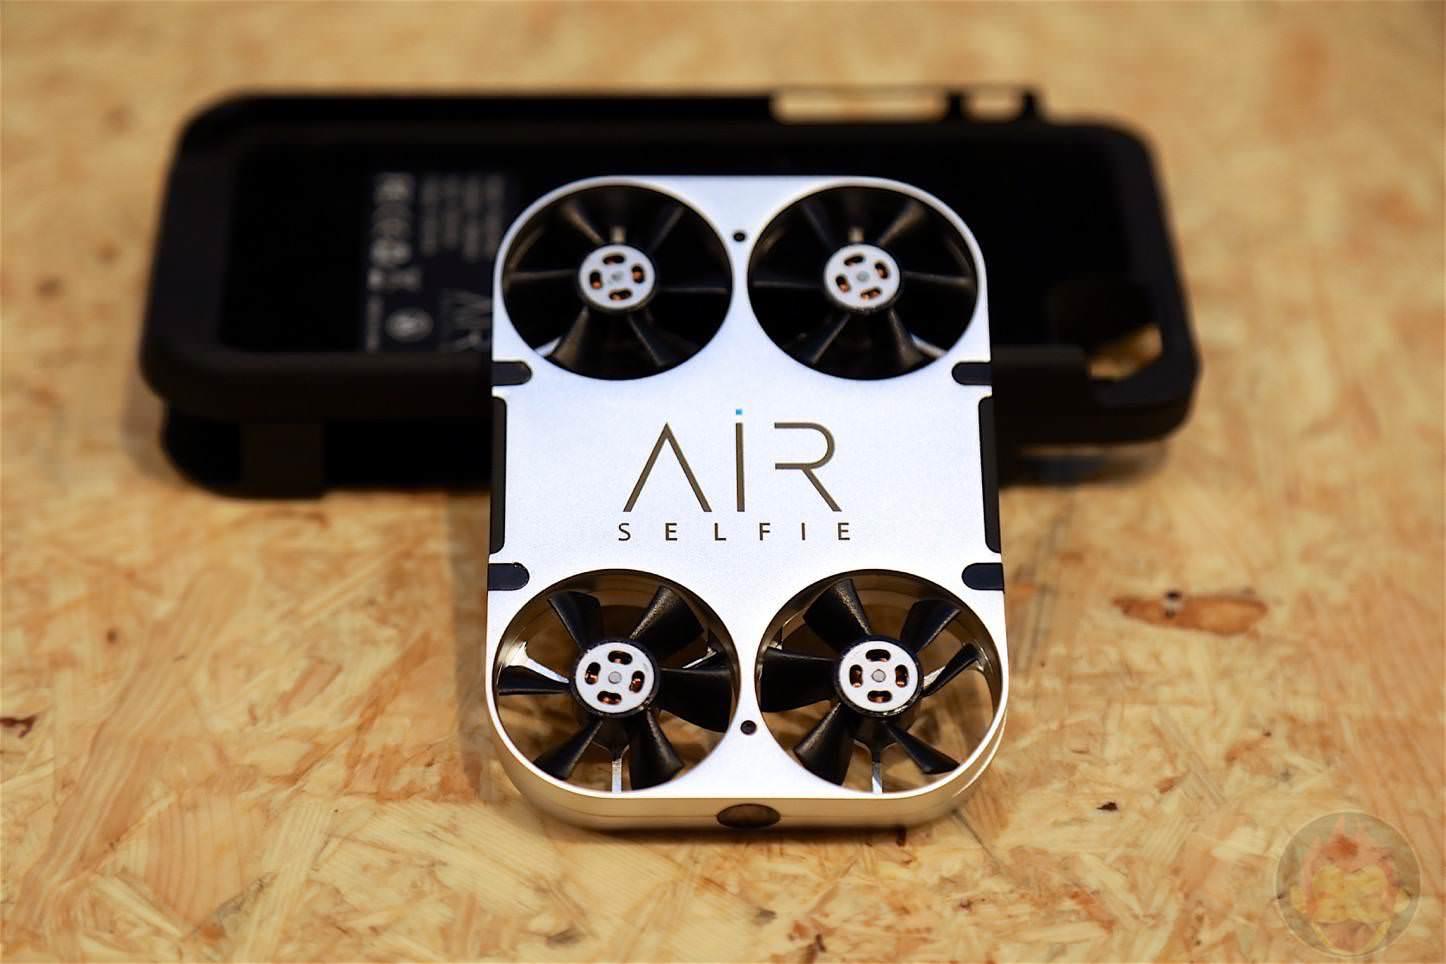 AirSelfie-Drone-Type-Selfie-Unit-03.jpg